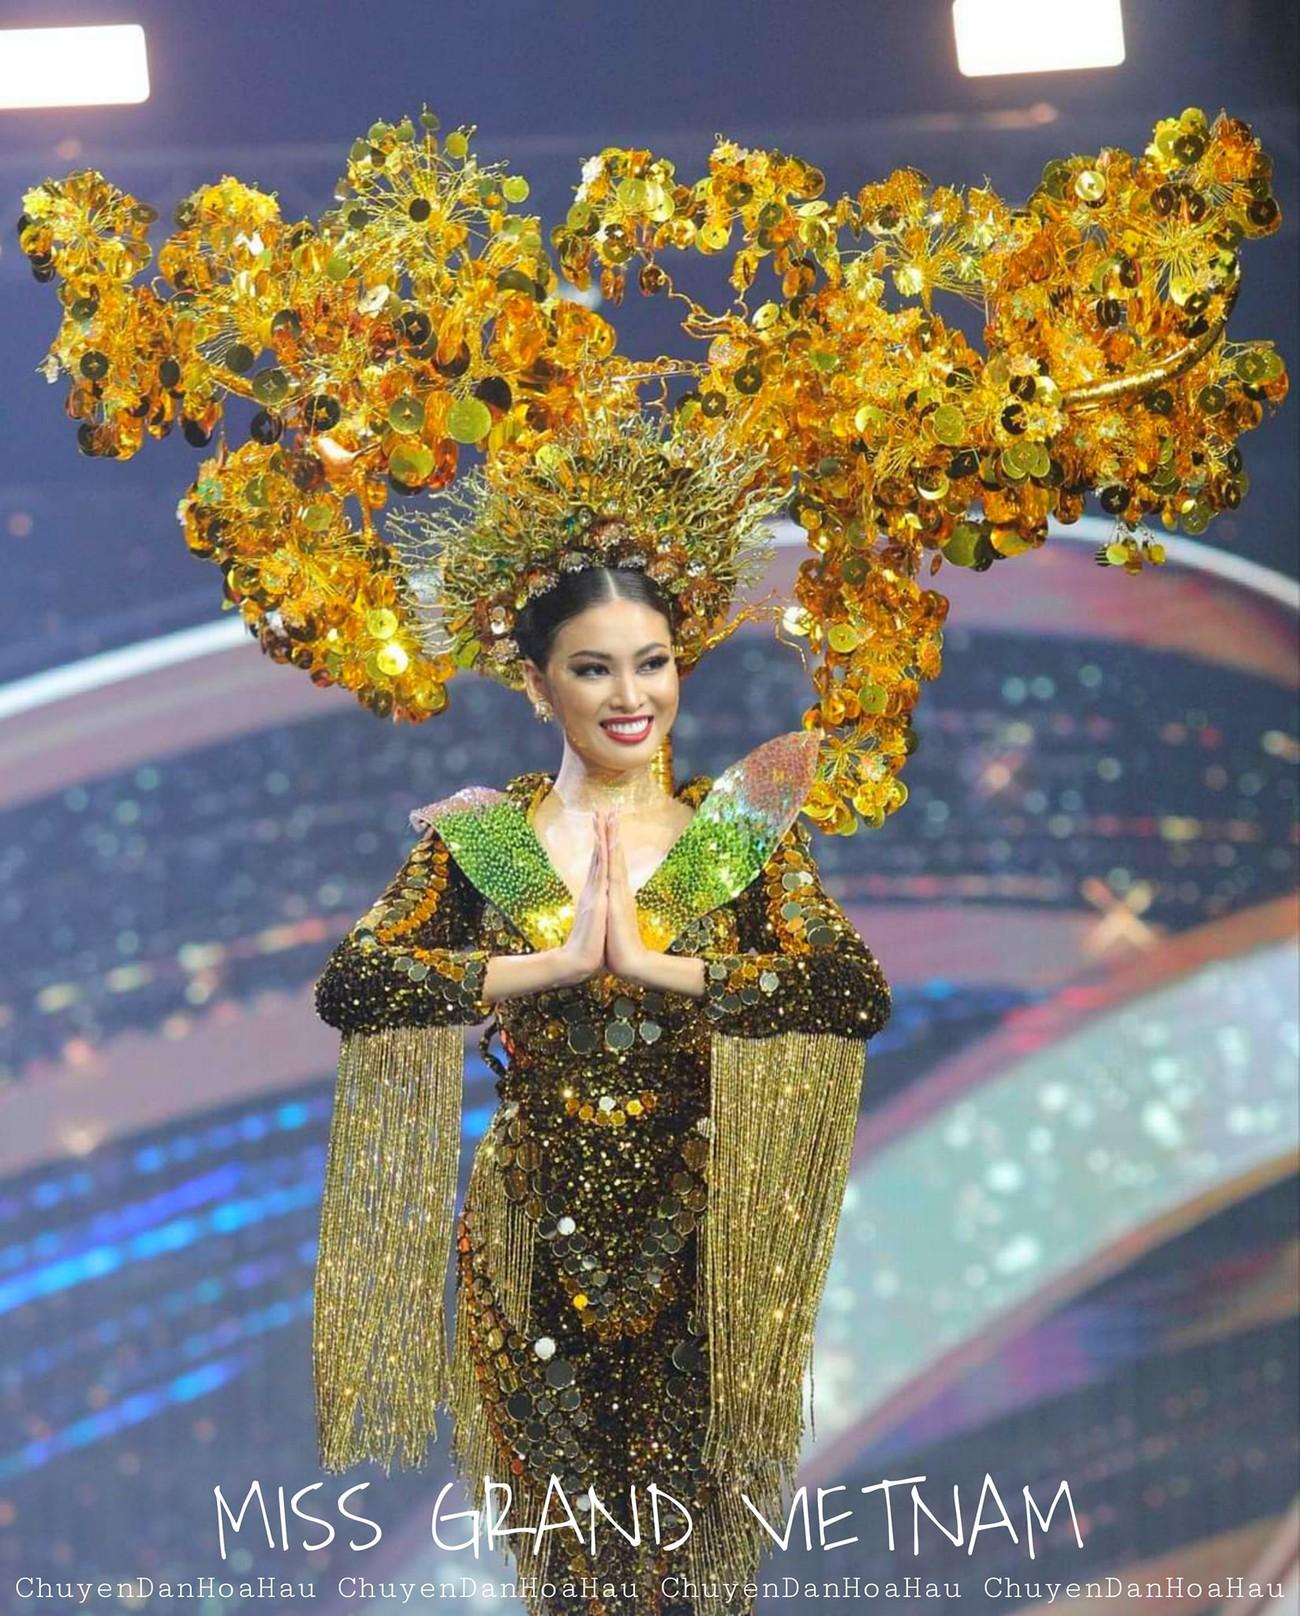 Thần thái 'Lá ngọc cành vàng' kiêu sa của Ngọc Thảo qua ống kính phóng viên quốc tế ảnh 2